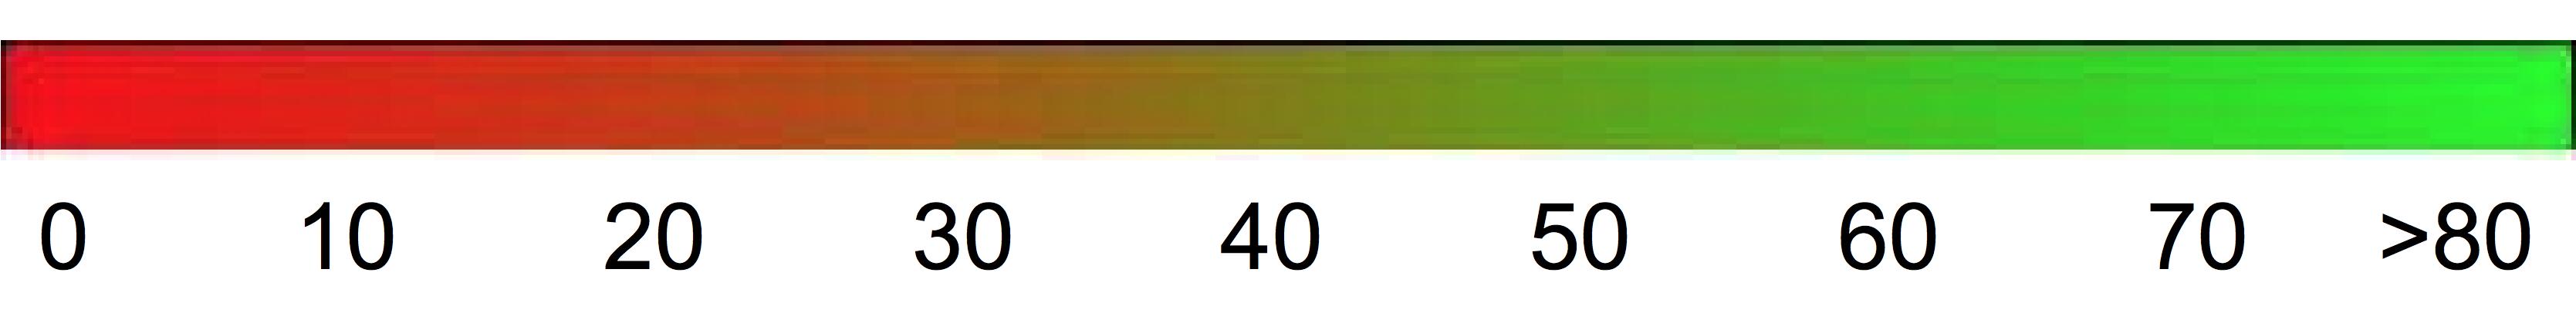 Interpretabilidade geral da escala